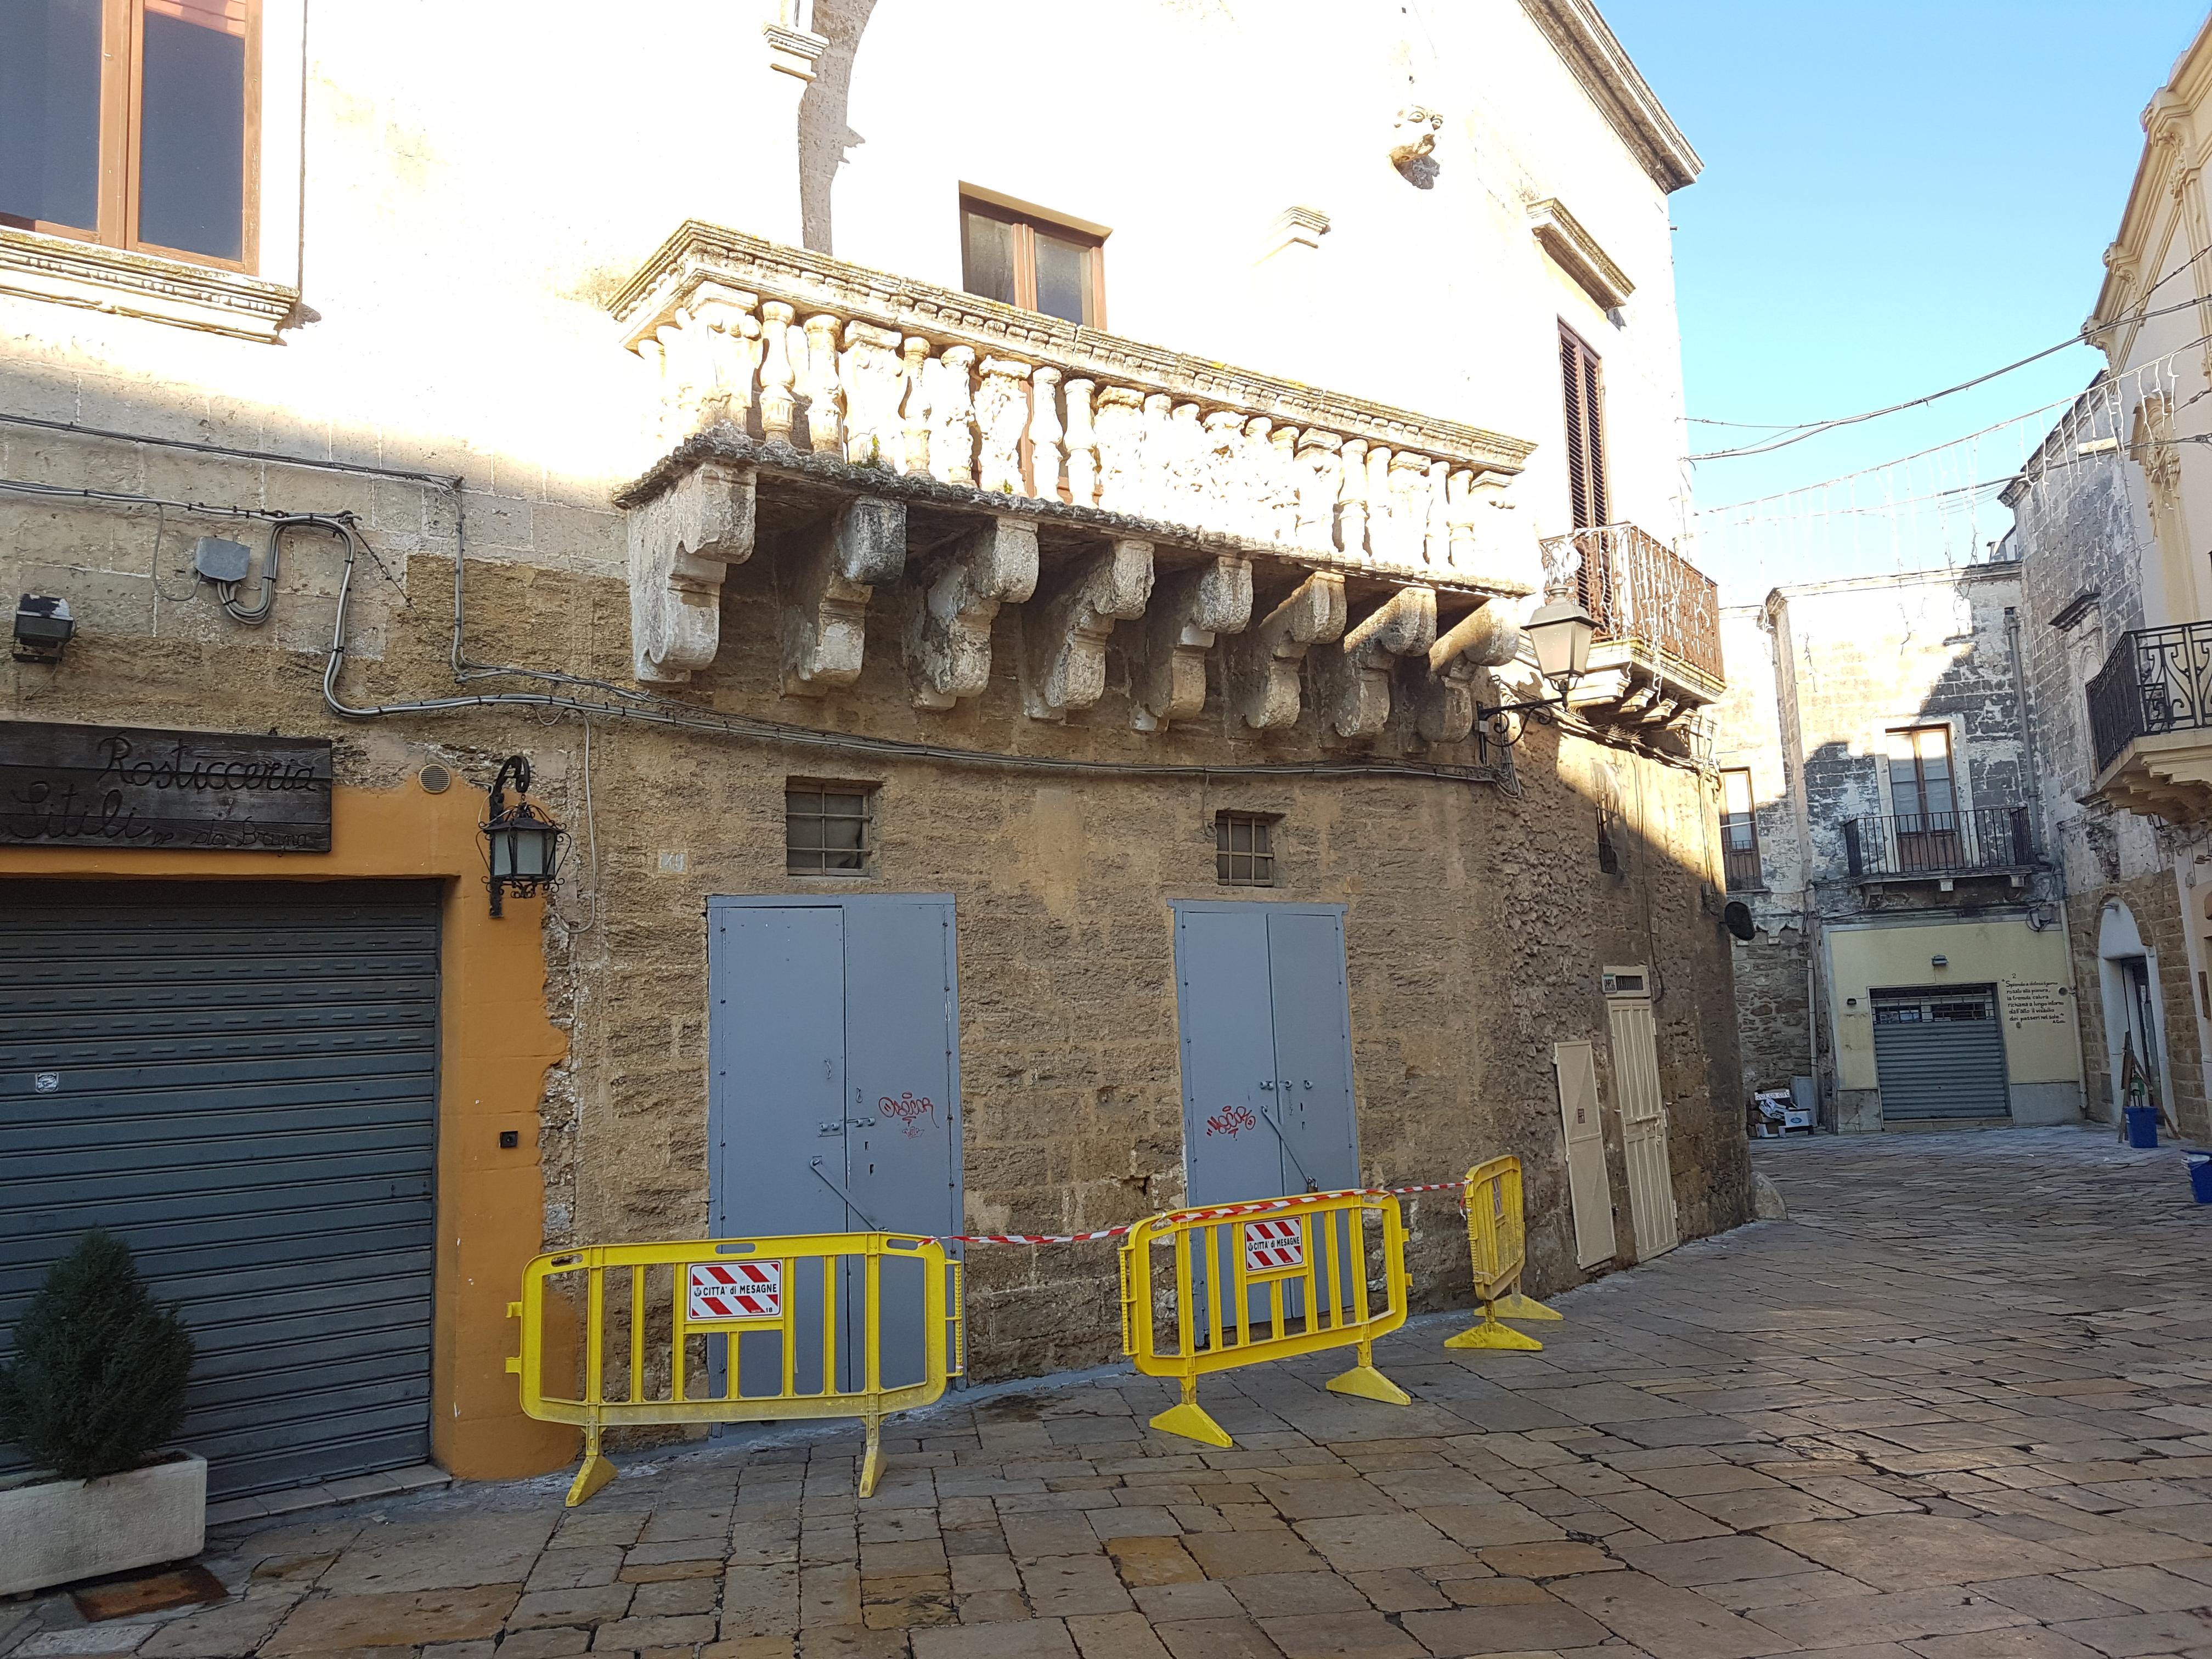 Cadono pezzi dai balconi delle abitazioni mesagnesi, il freddo compromette i monumenti